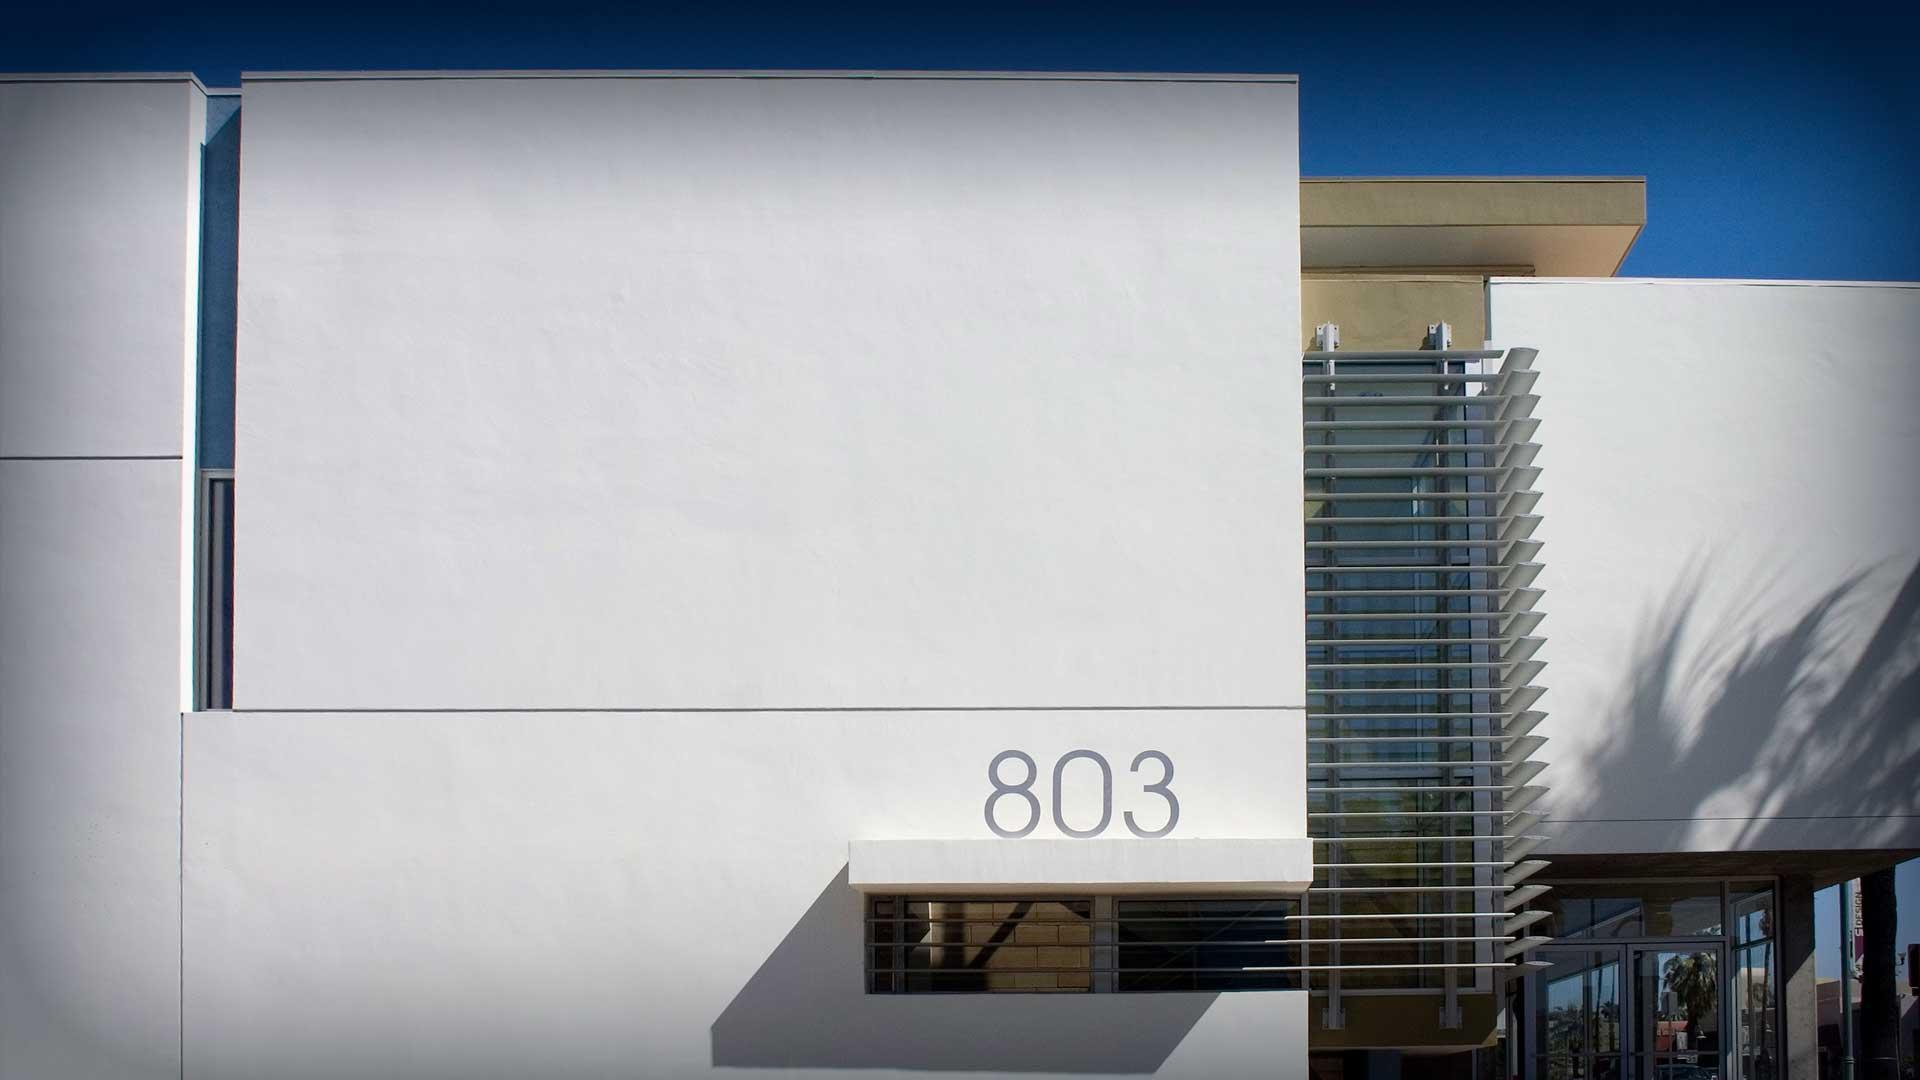 803-palm-canyon-1920×1080-10a